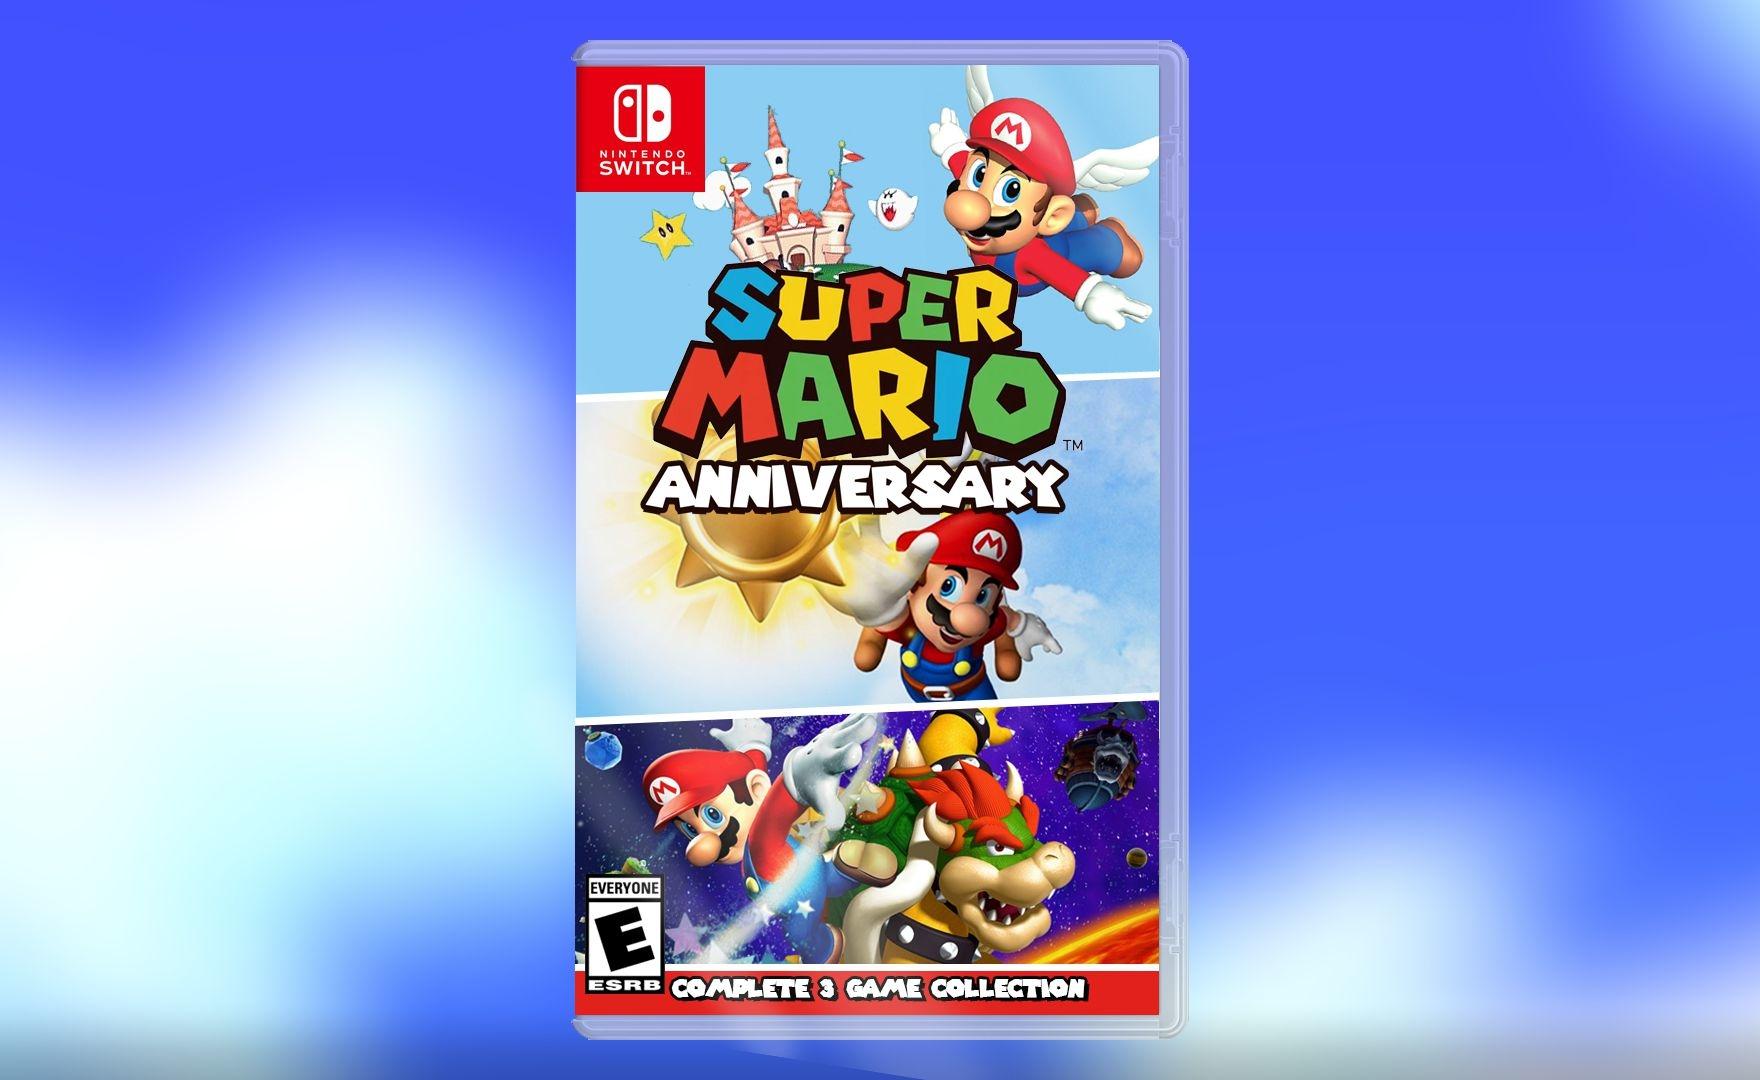 Mario 35th Anniversary Collection, Super Mario non si ferma mai